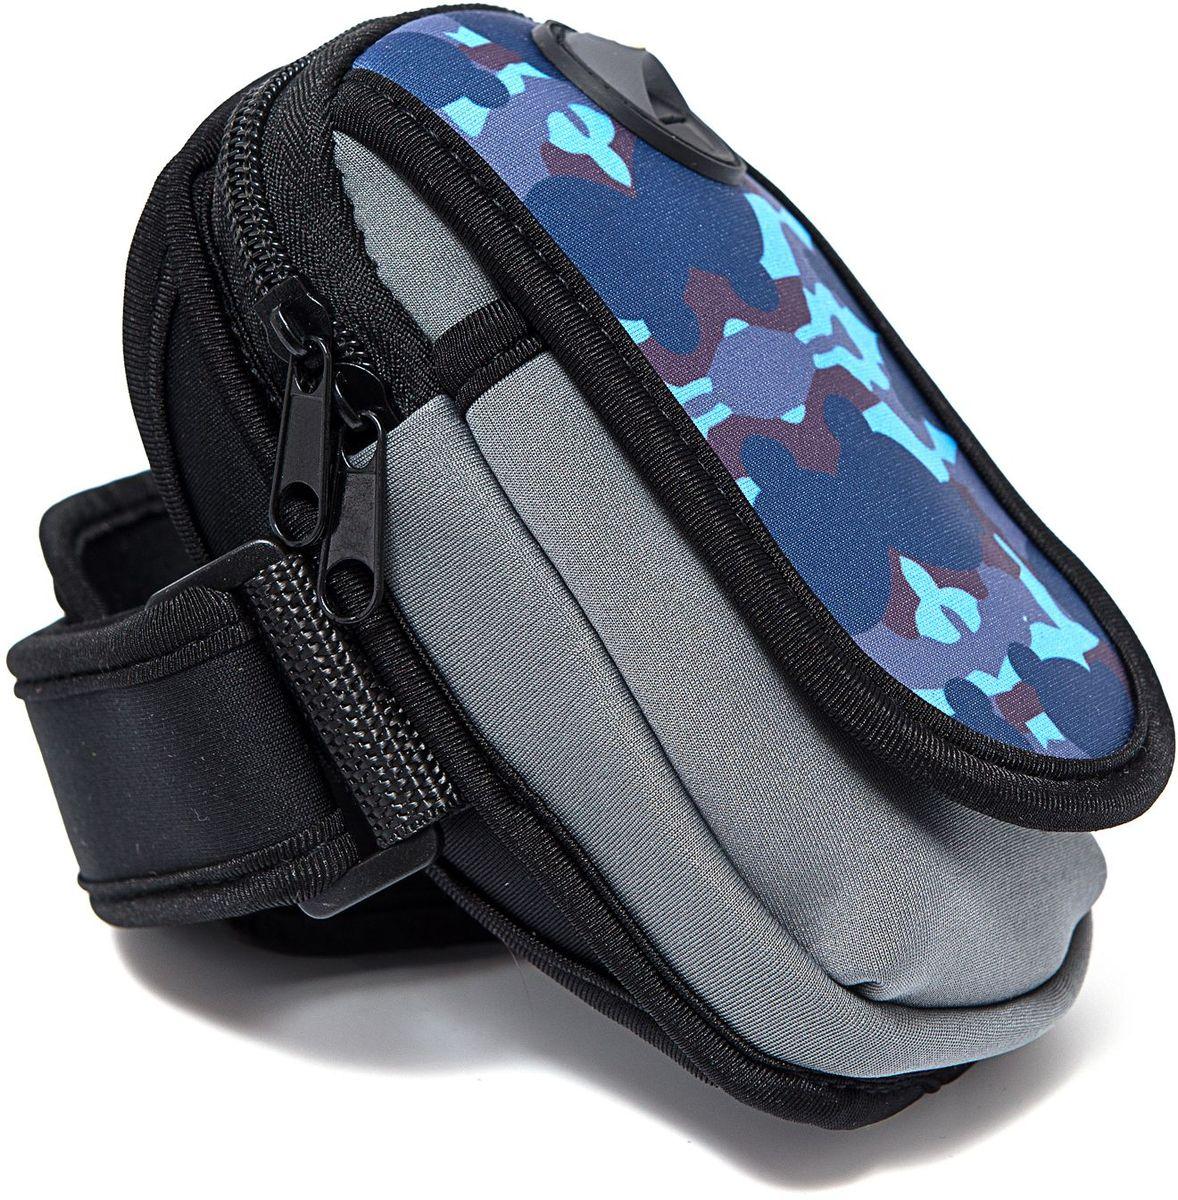 Органайзер Homsu, цвет: темно-синий, 15 х 9 смR-141Органайзер на руку - оригинальный и практичный аксессуар, выполнен в яркой расцветке, имеет отверстие для наушников, удобно крепится на руку. Незаименимая вещь для тех, кто ведет активный образ жизни. Размер изделия: 15х9см